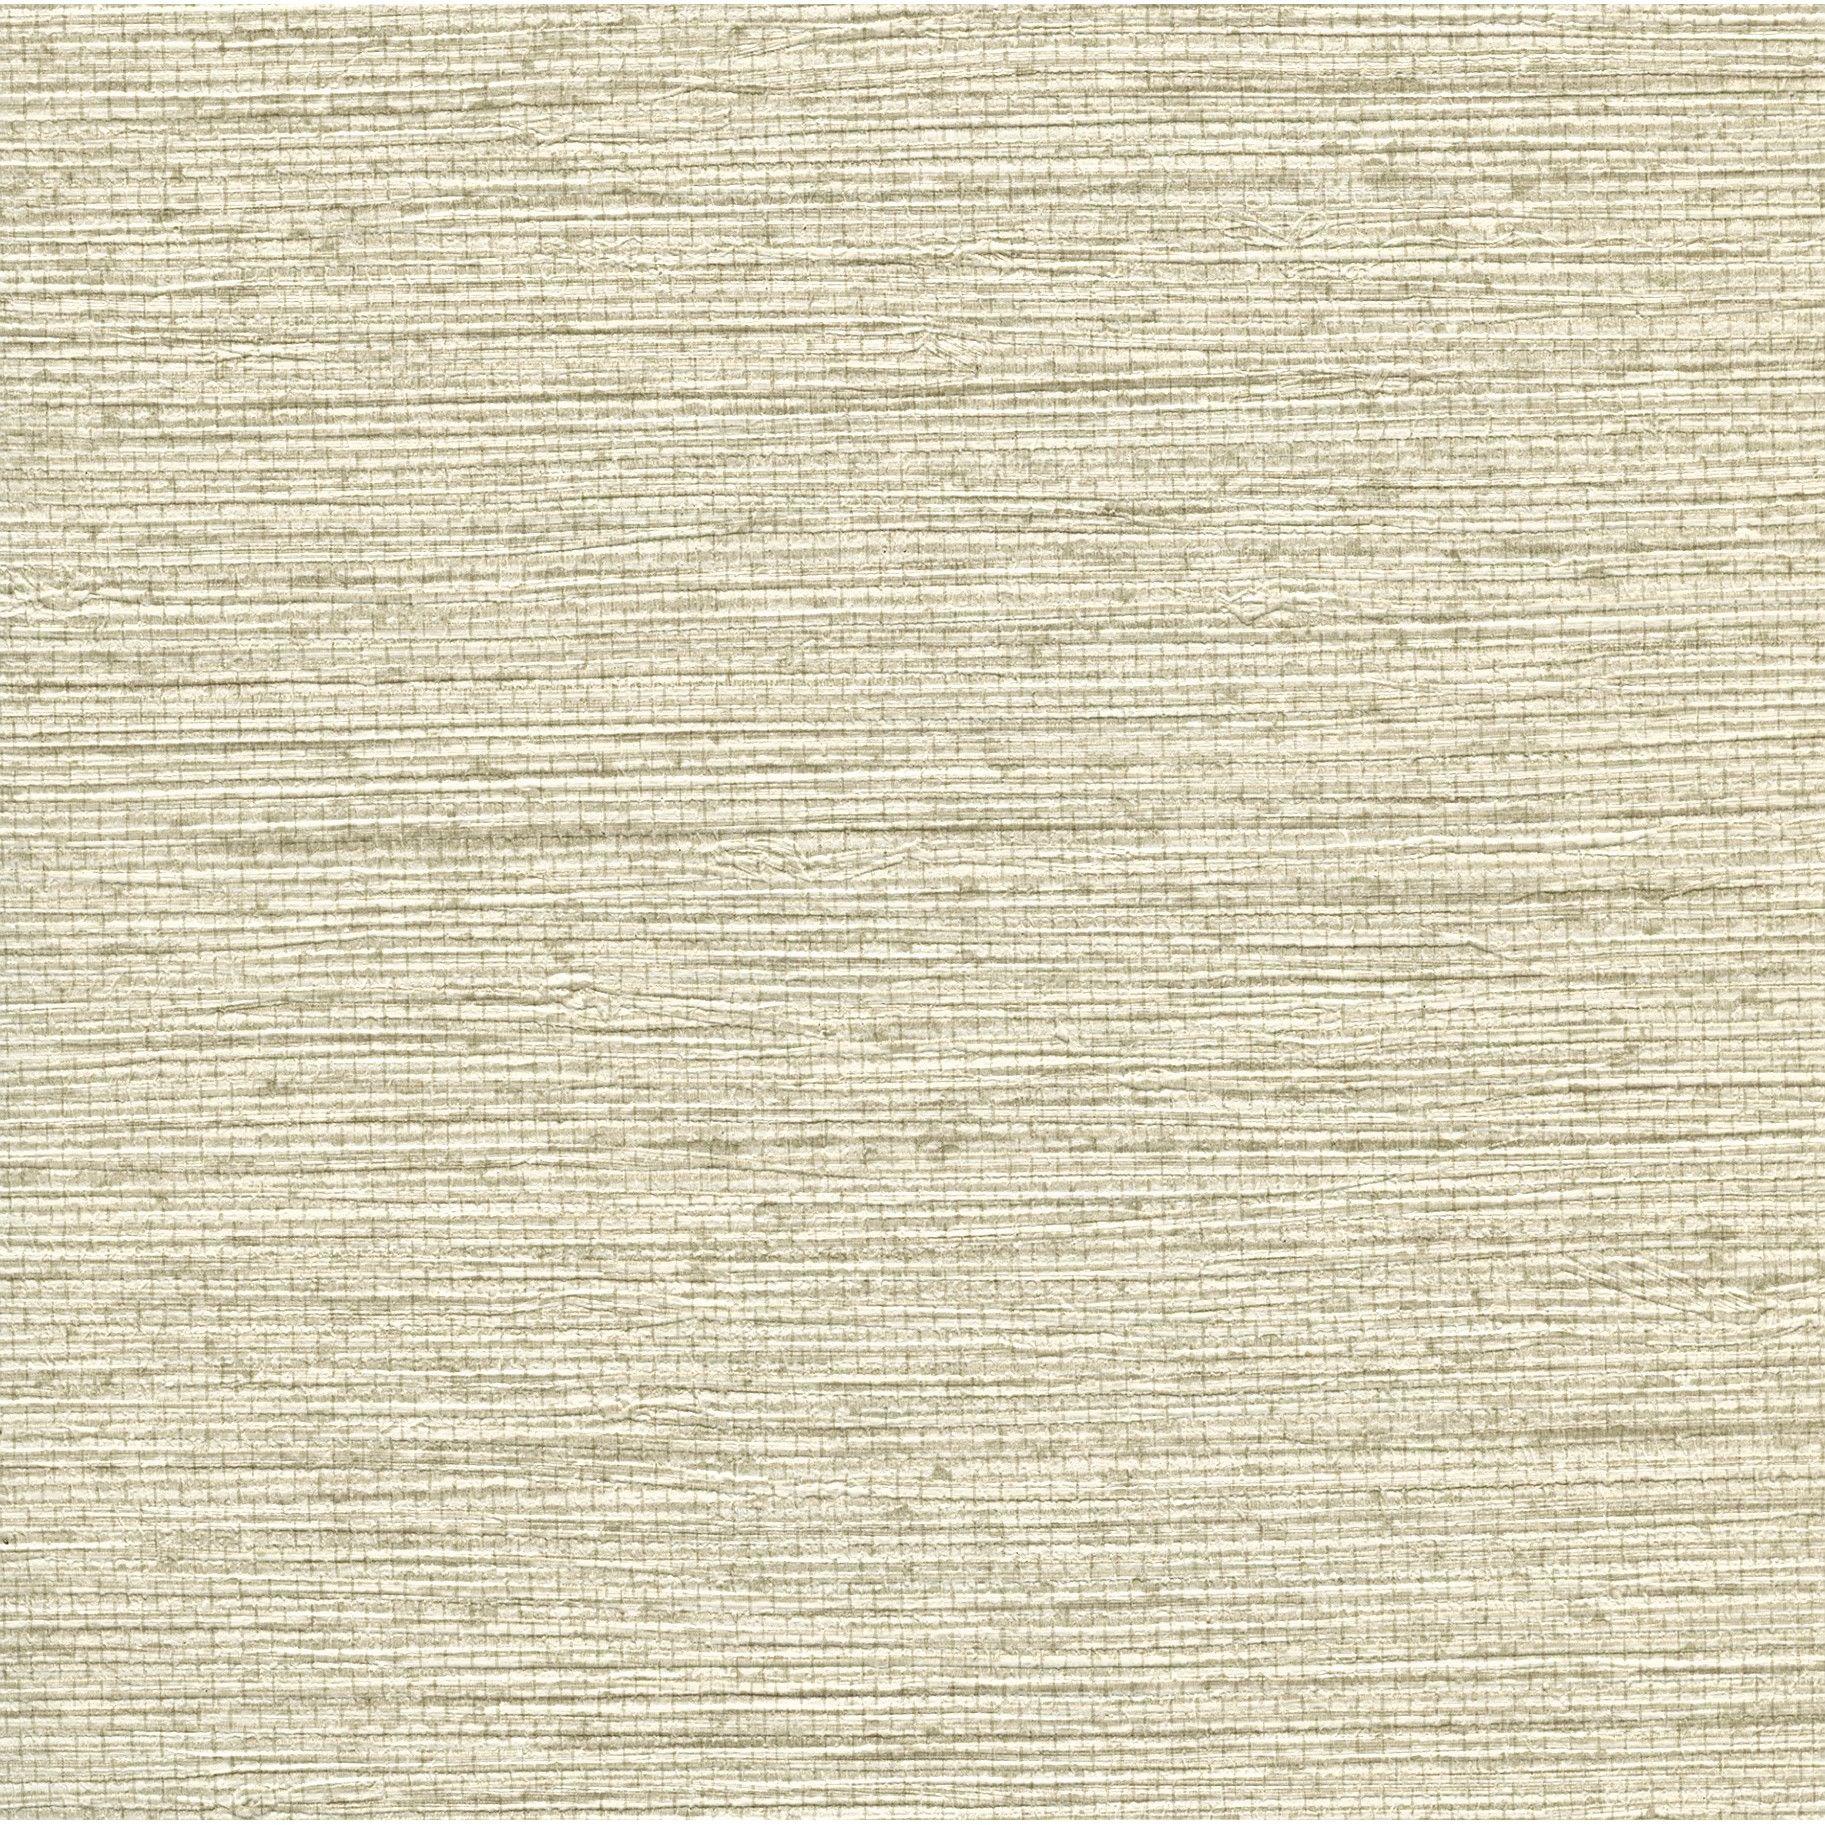 Peel Stick Seagrass Wallpaper From Wayfair